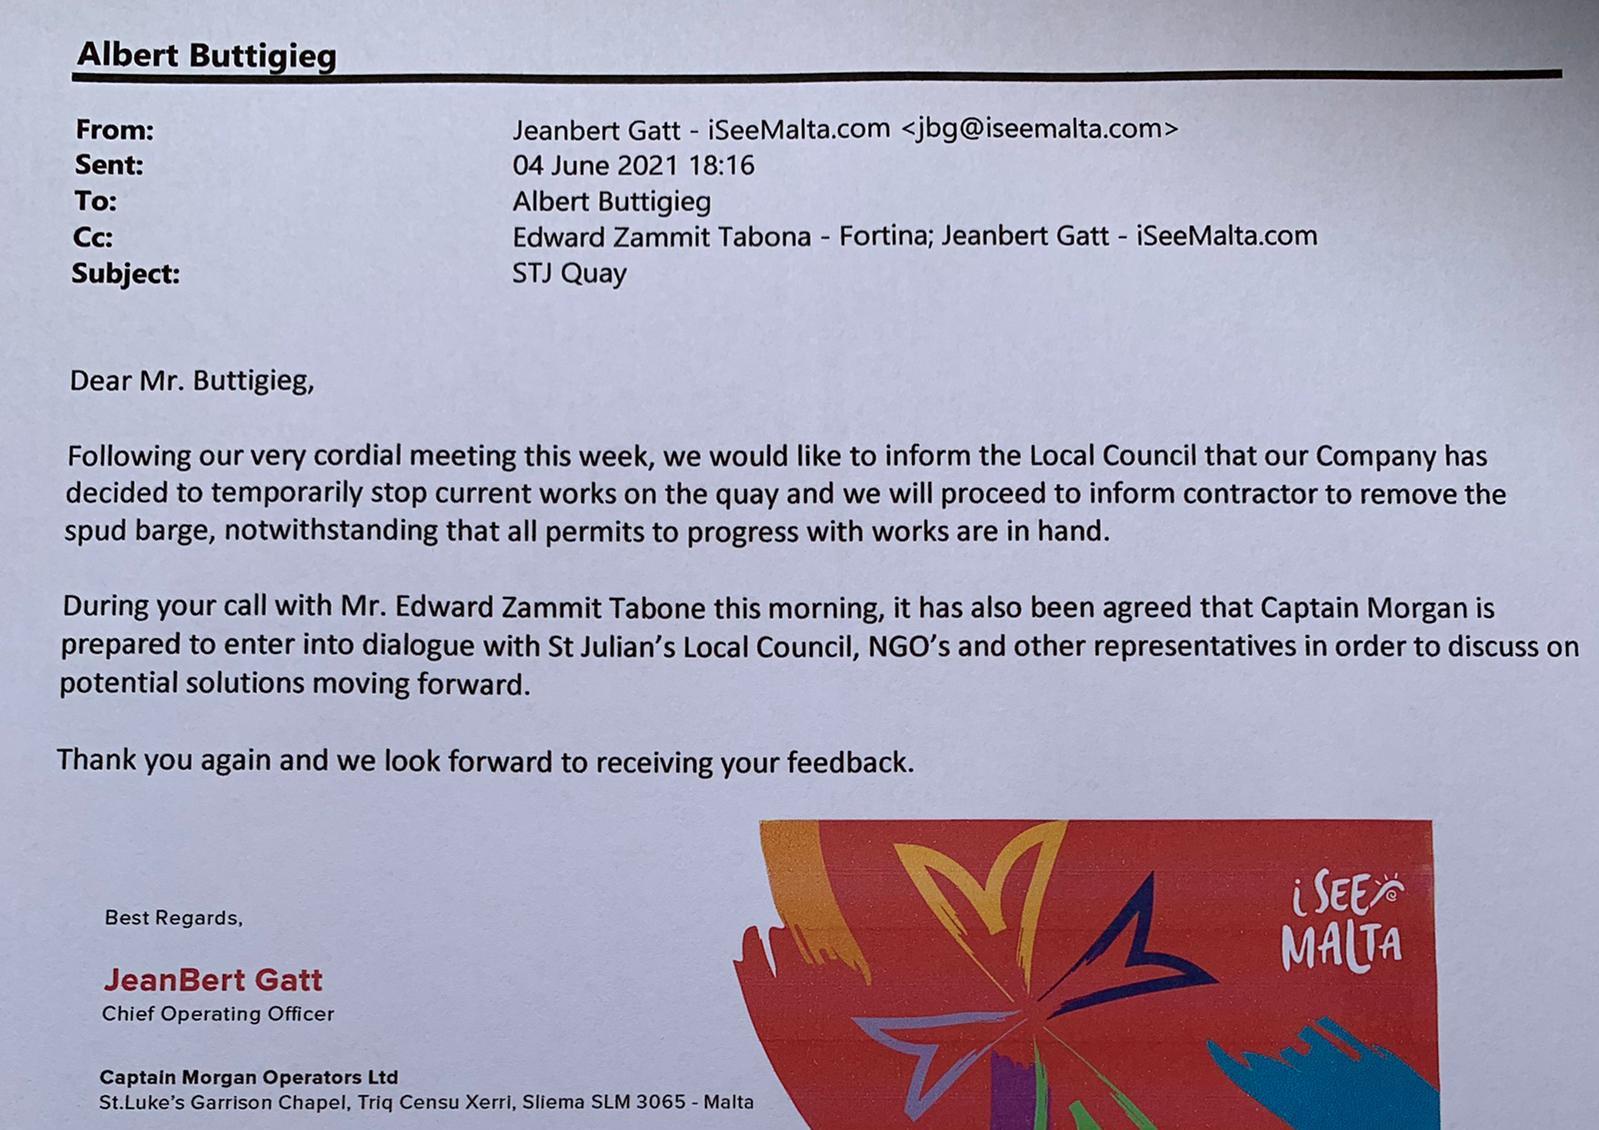 The email sent to St Julian's mayor Albert Buttigieg.